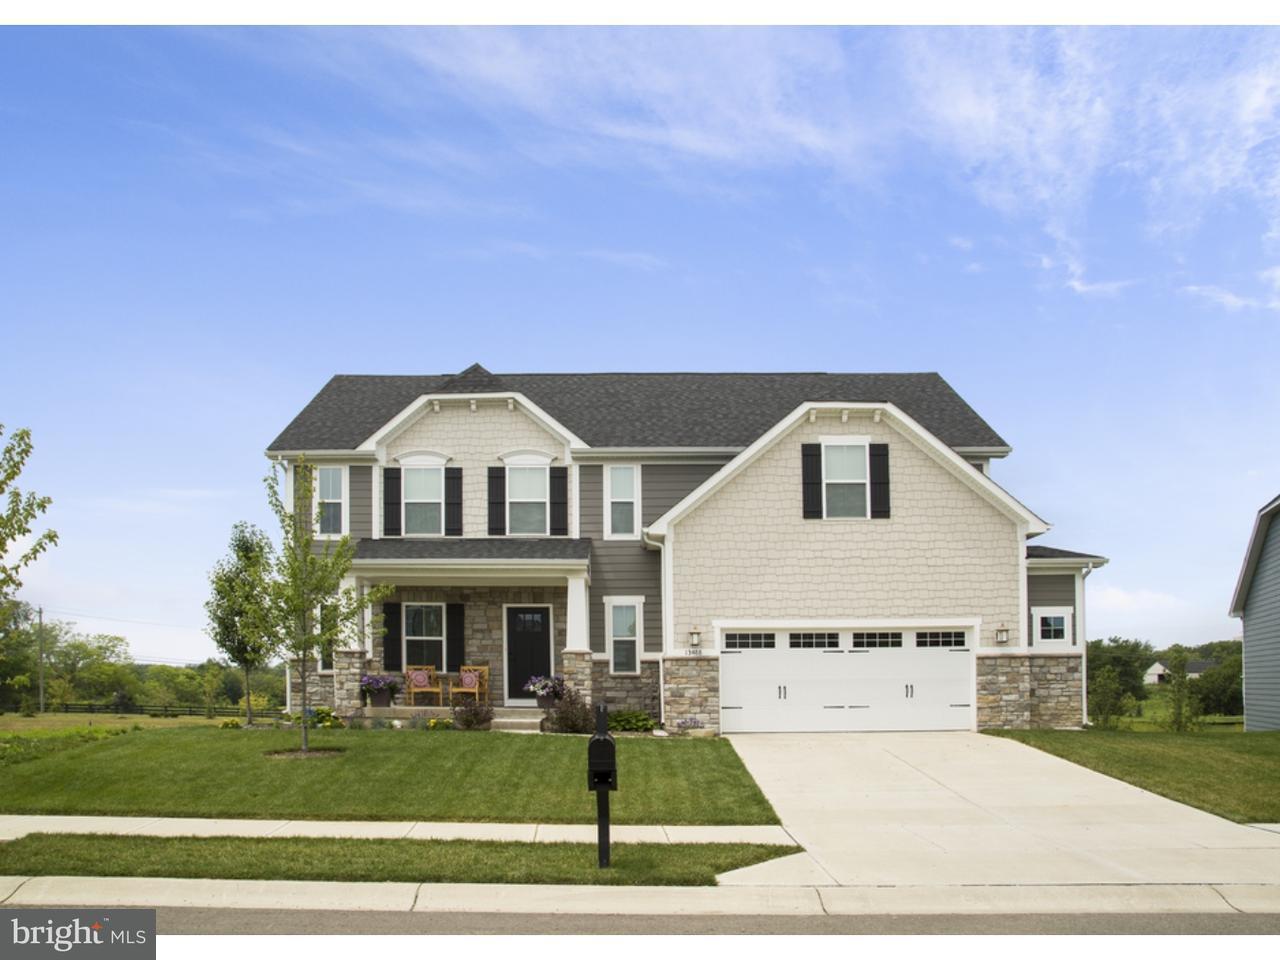 独户住宅 为 销售 在 300 PEAR TREE Court Delran, 新泽西州 08075 美国